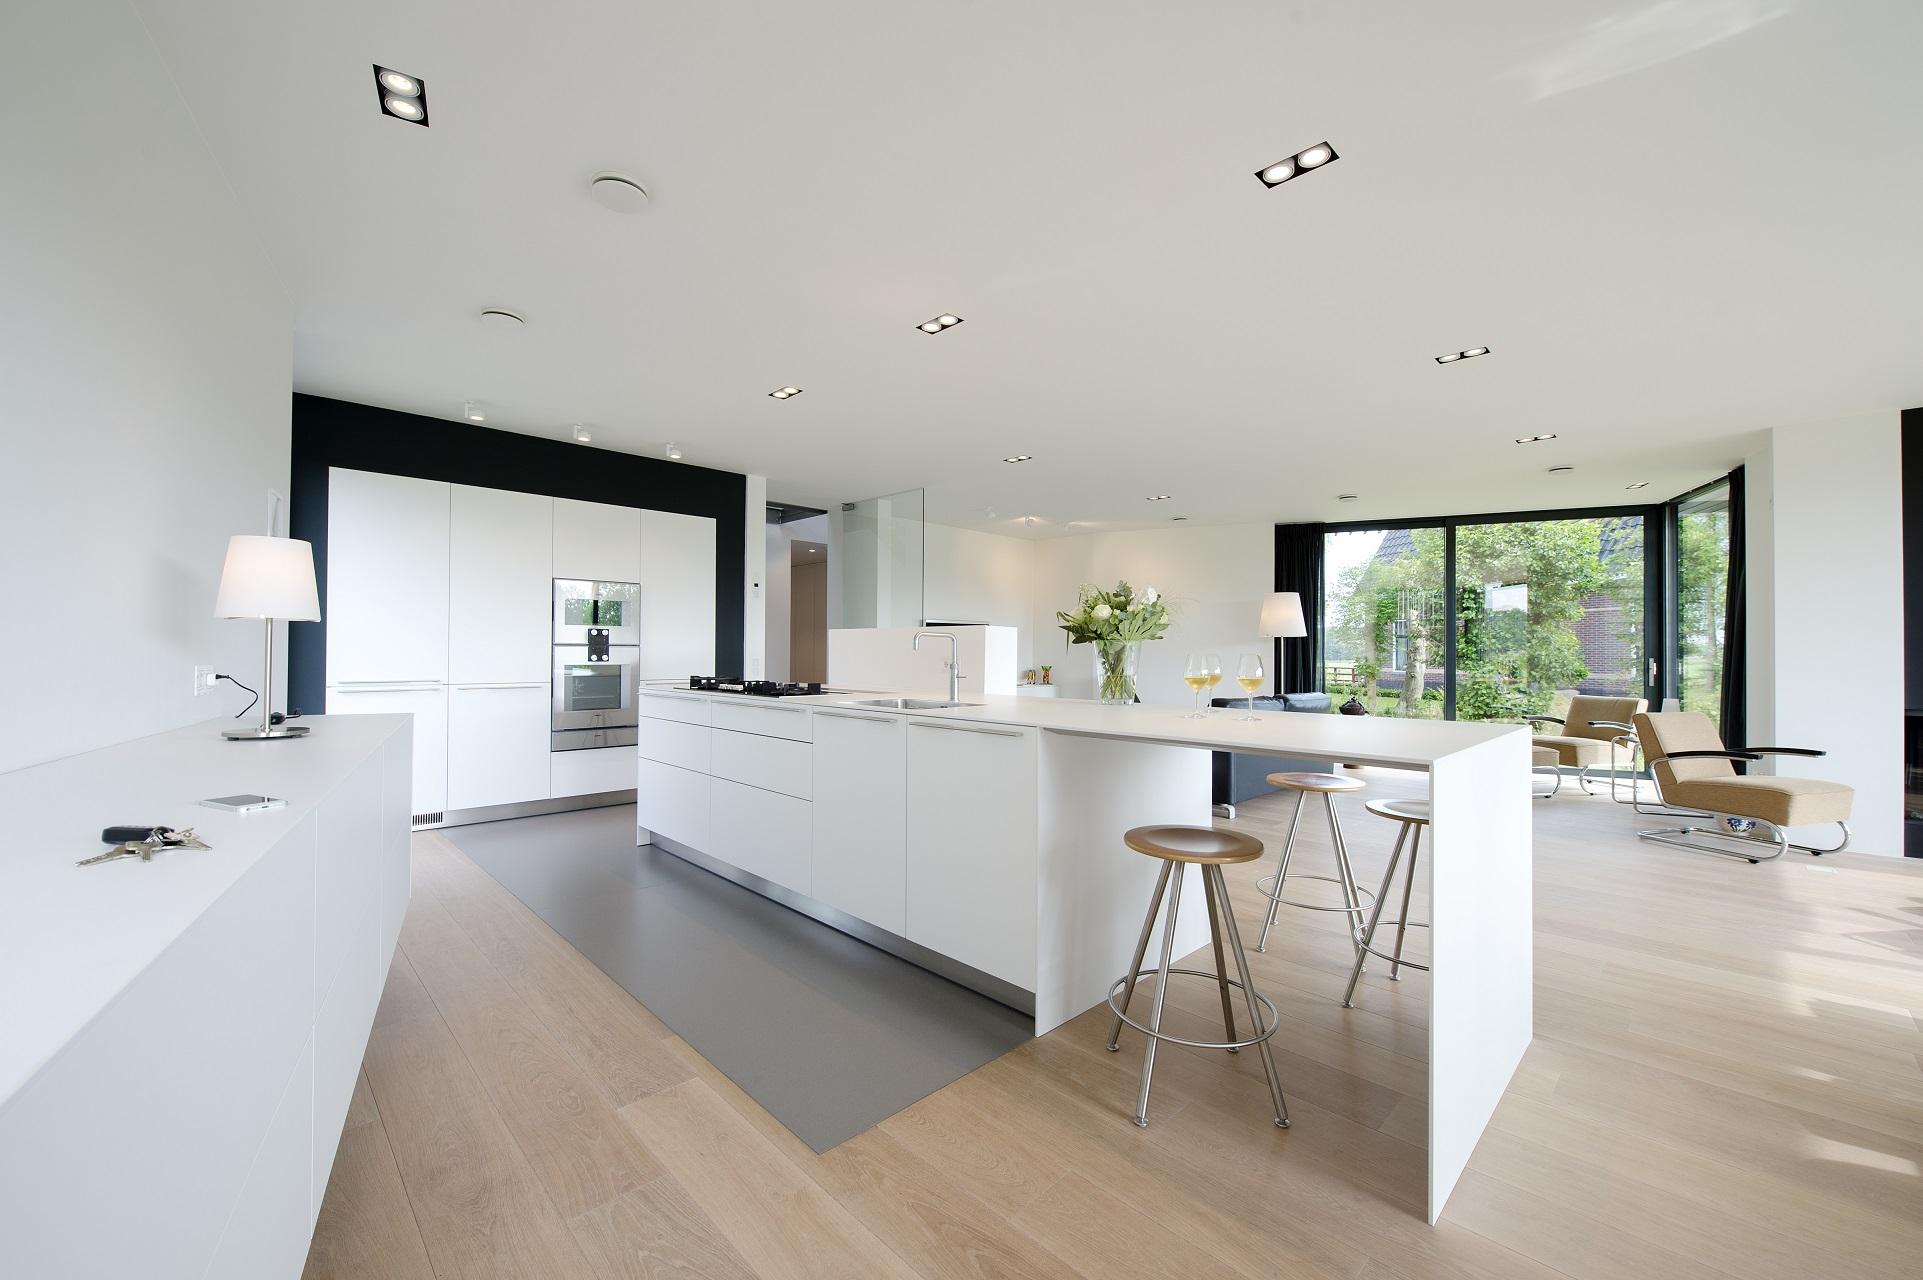 Verlichting Cottage Keuken : woonhuis – Nieuws Startpagina voor keuken idee?n UW-keuken.nl